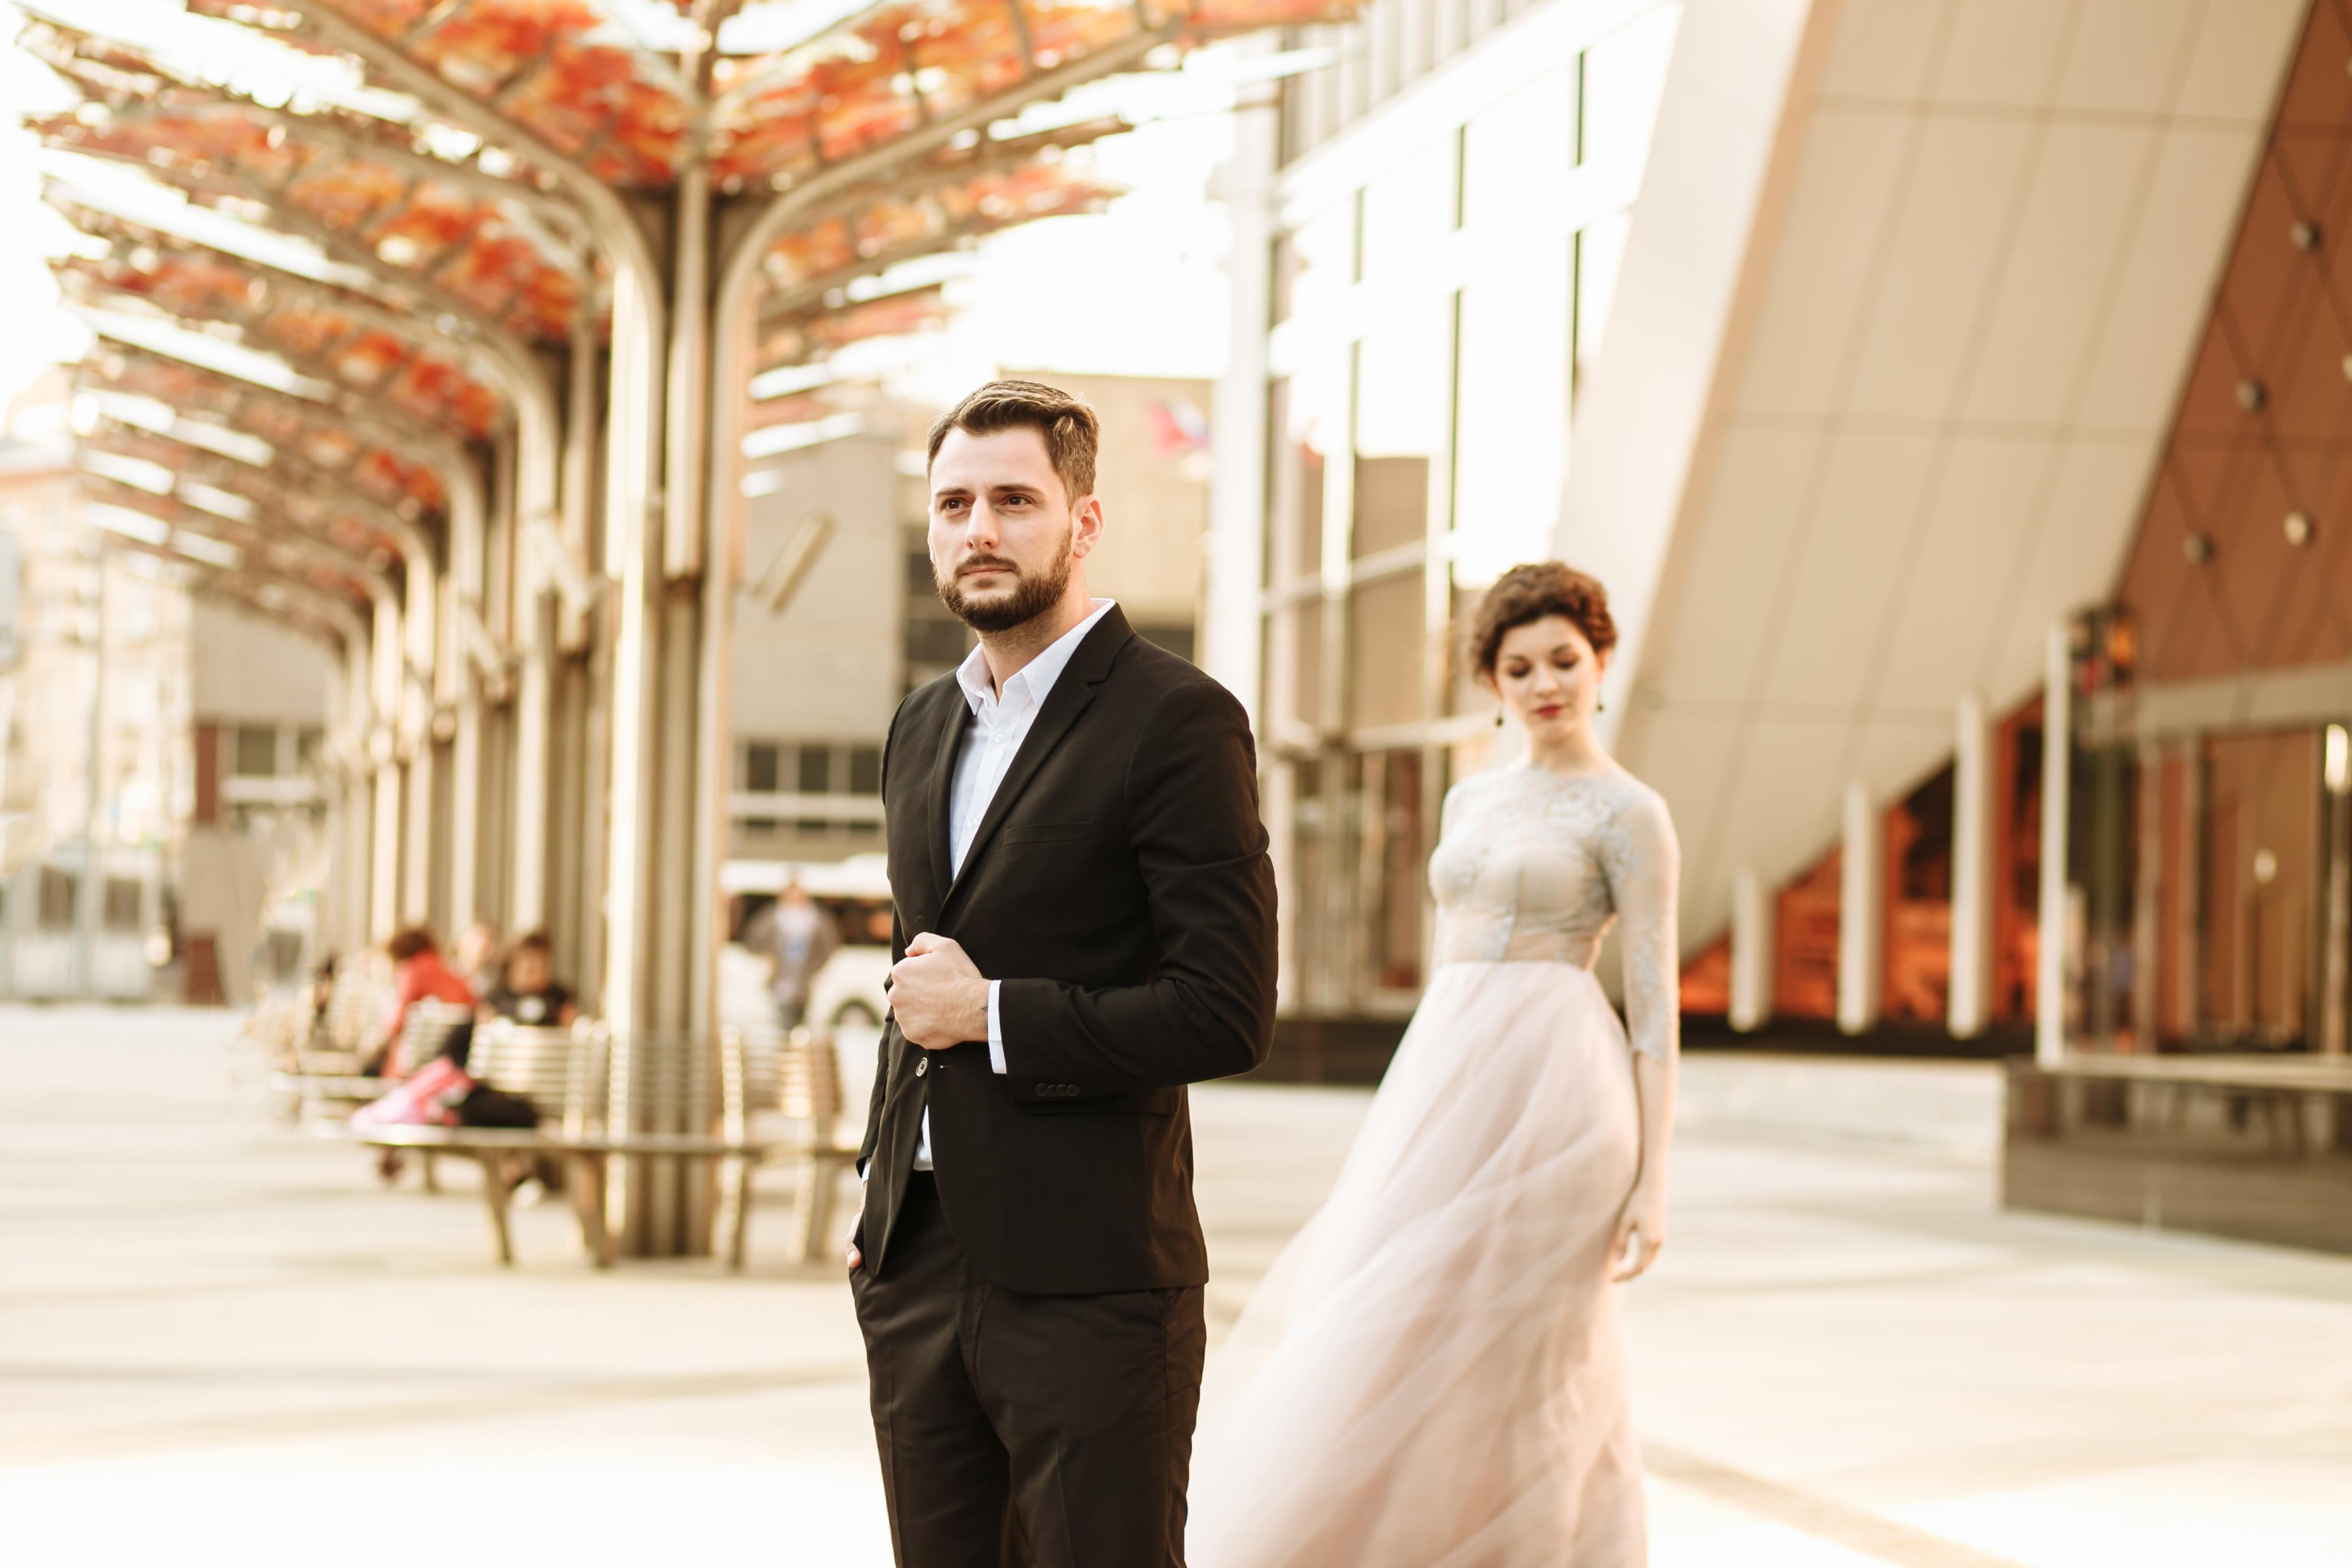 Коба и Мария | Егерев Максим